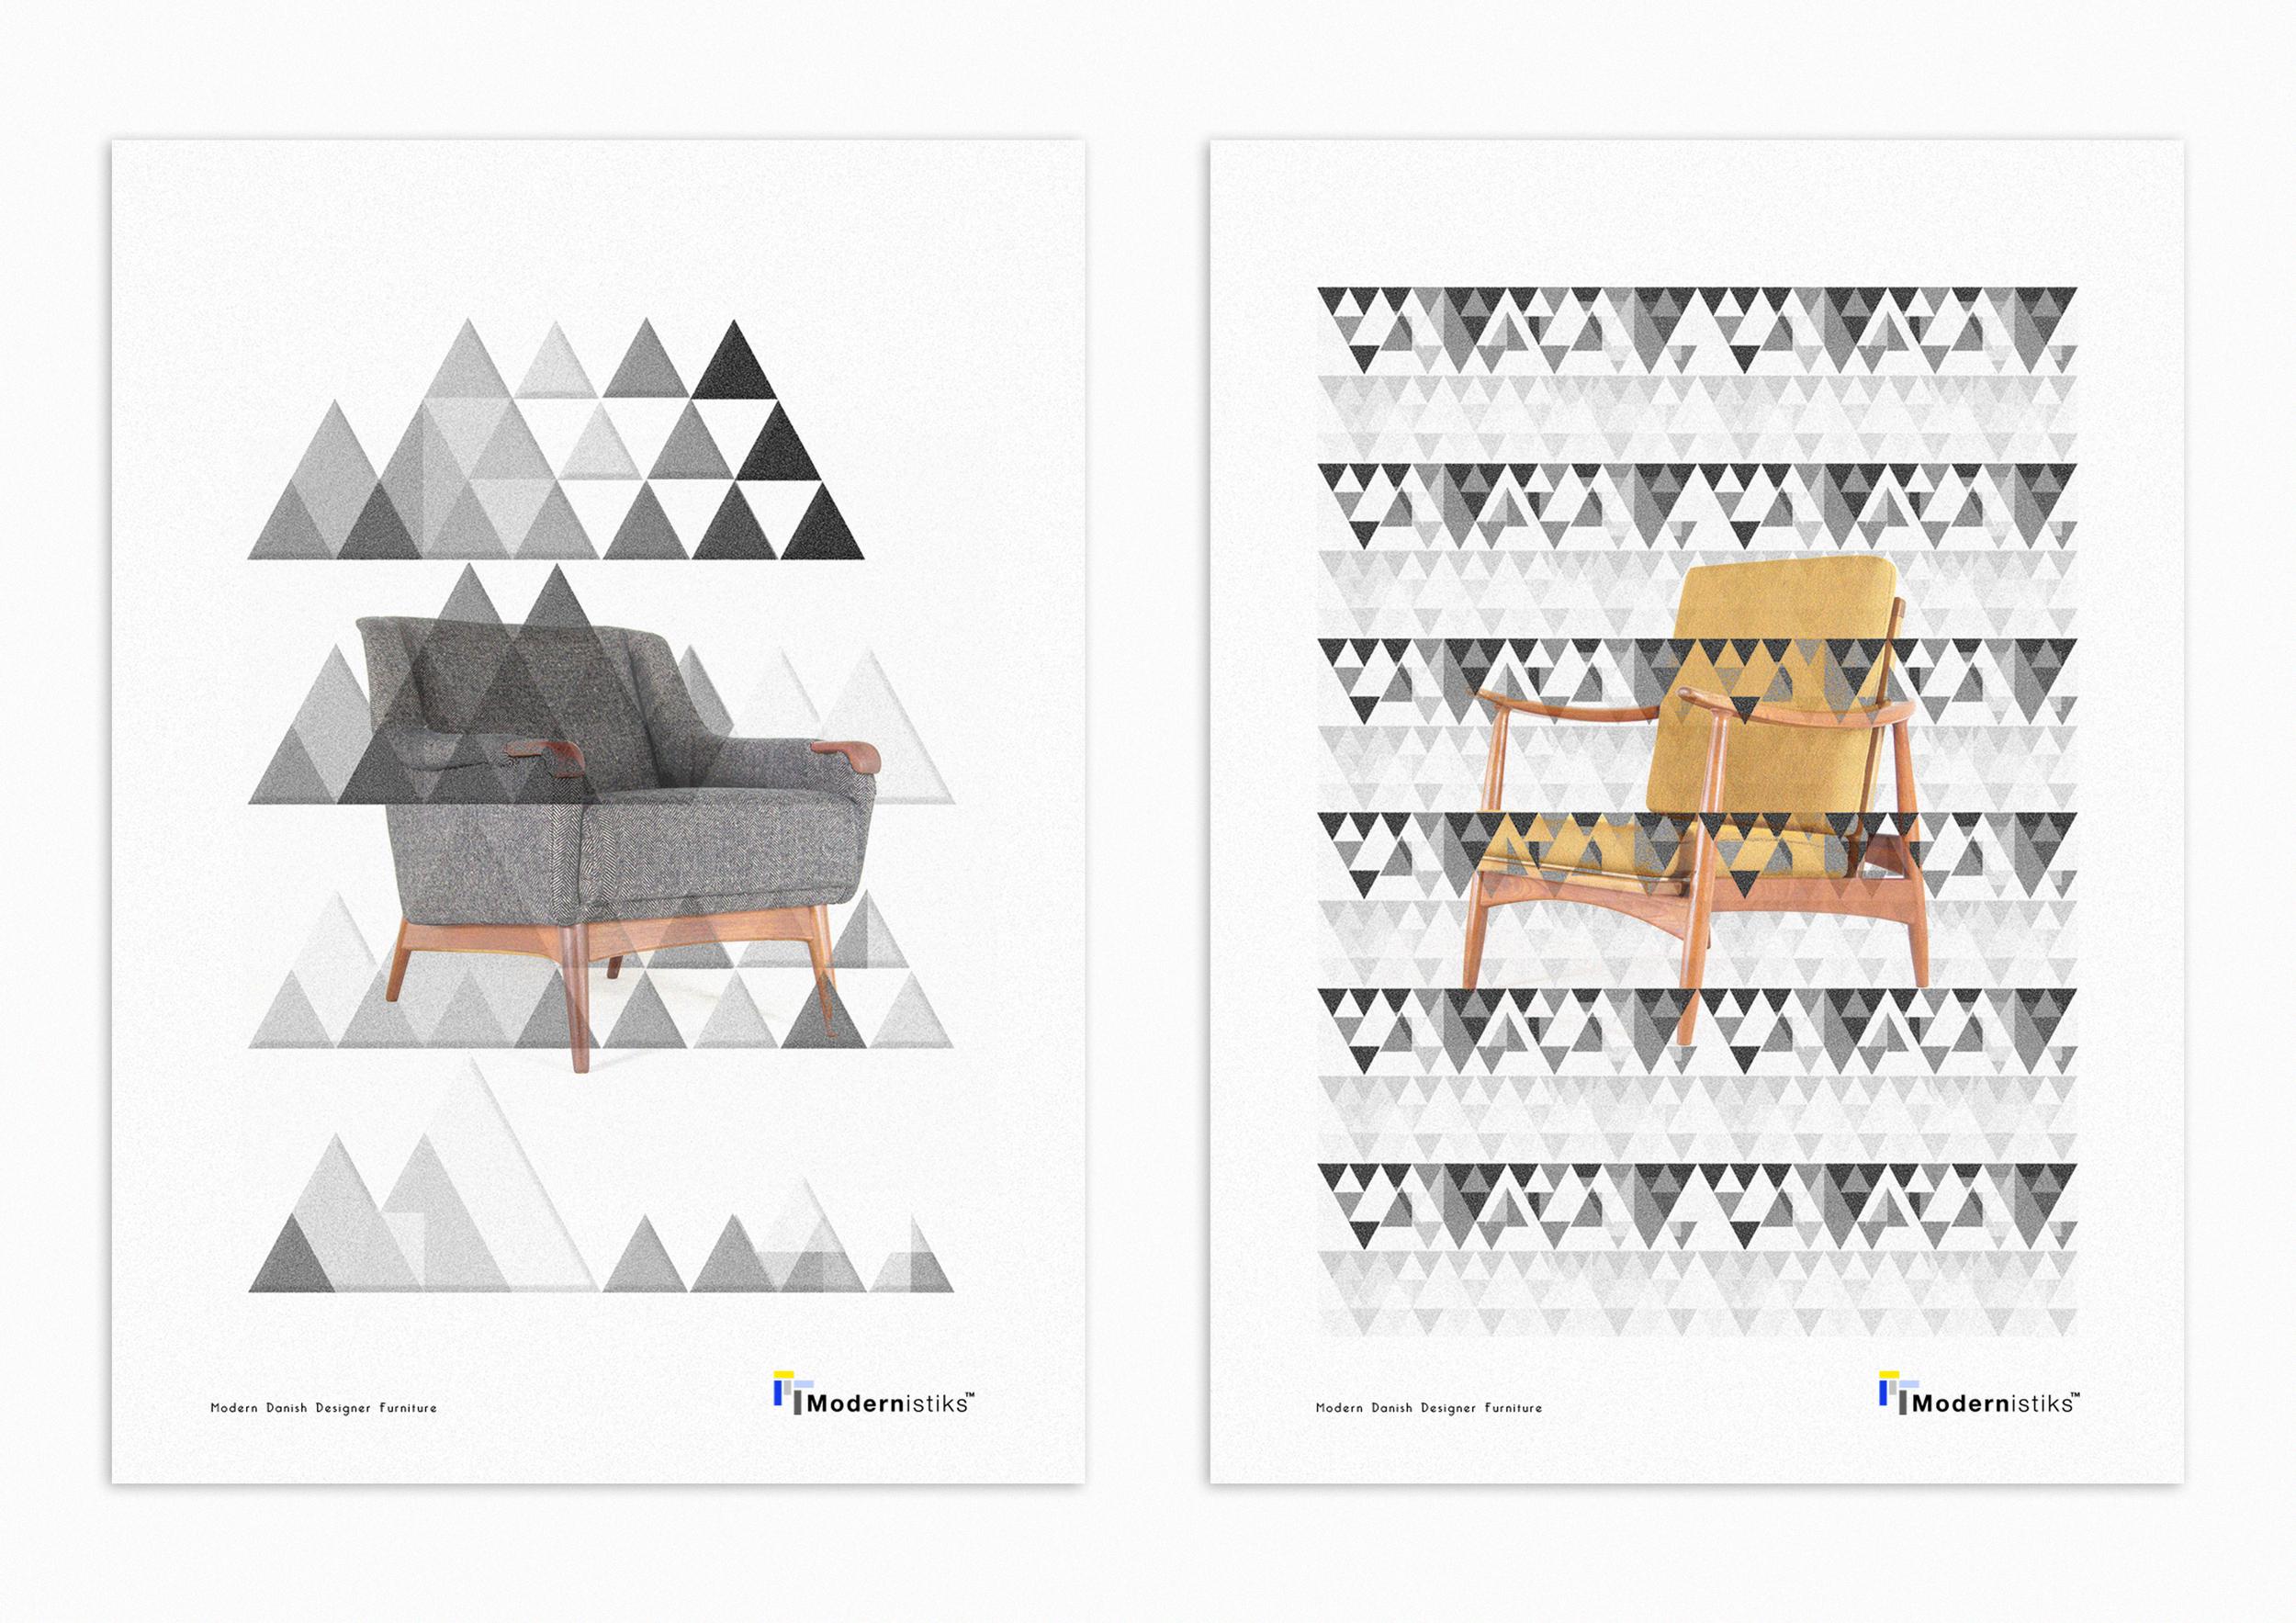 modernistiks poster.jpg